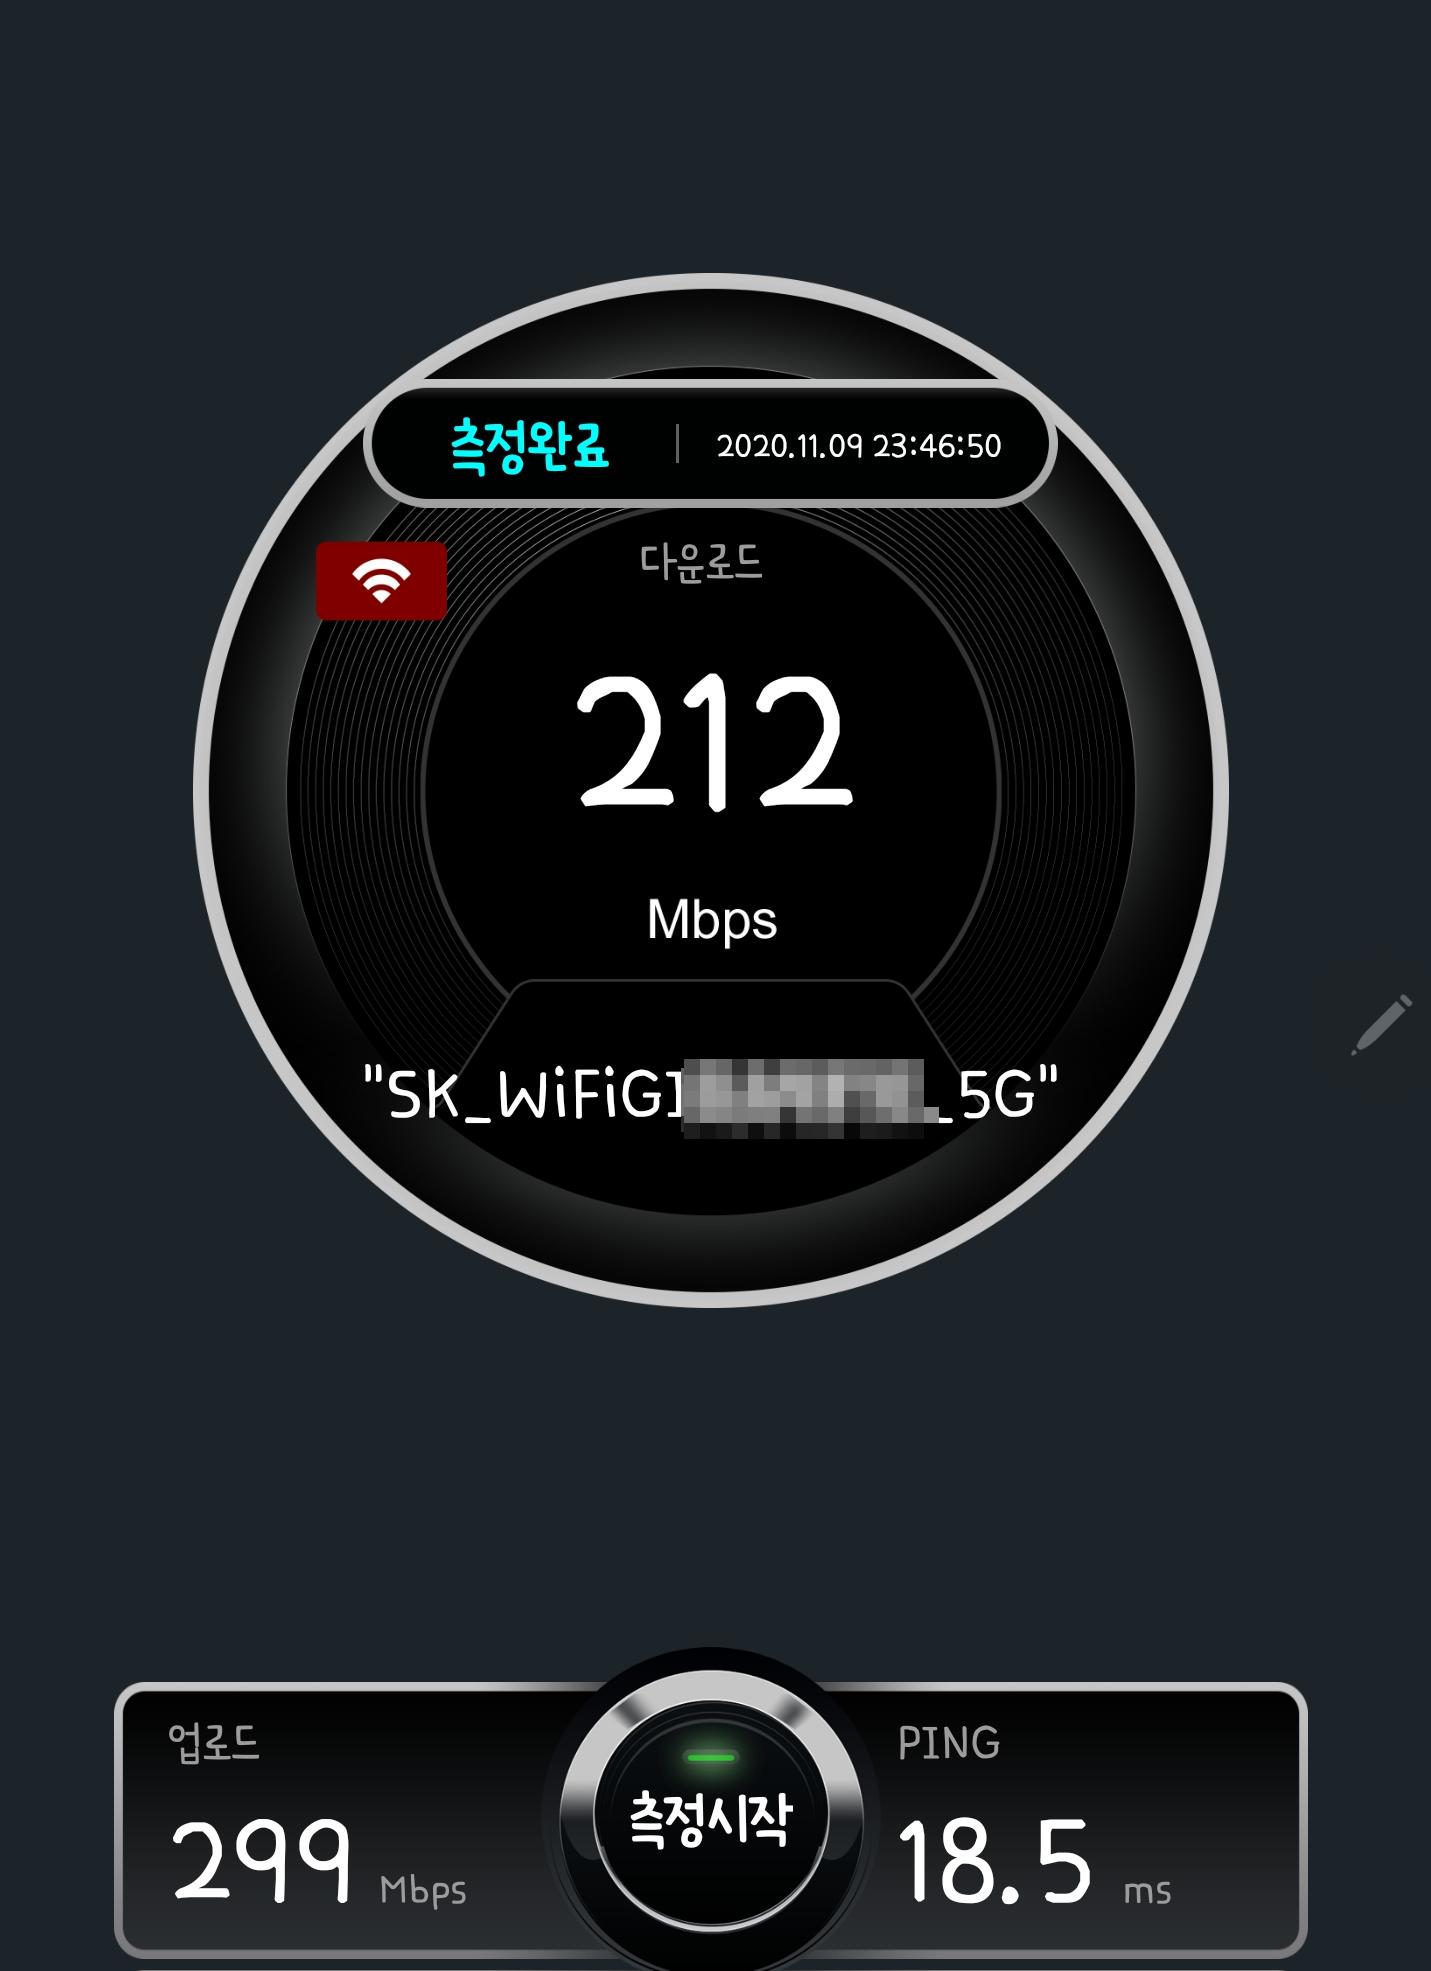 GIGA WIFI 5G